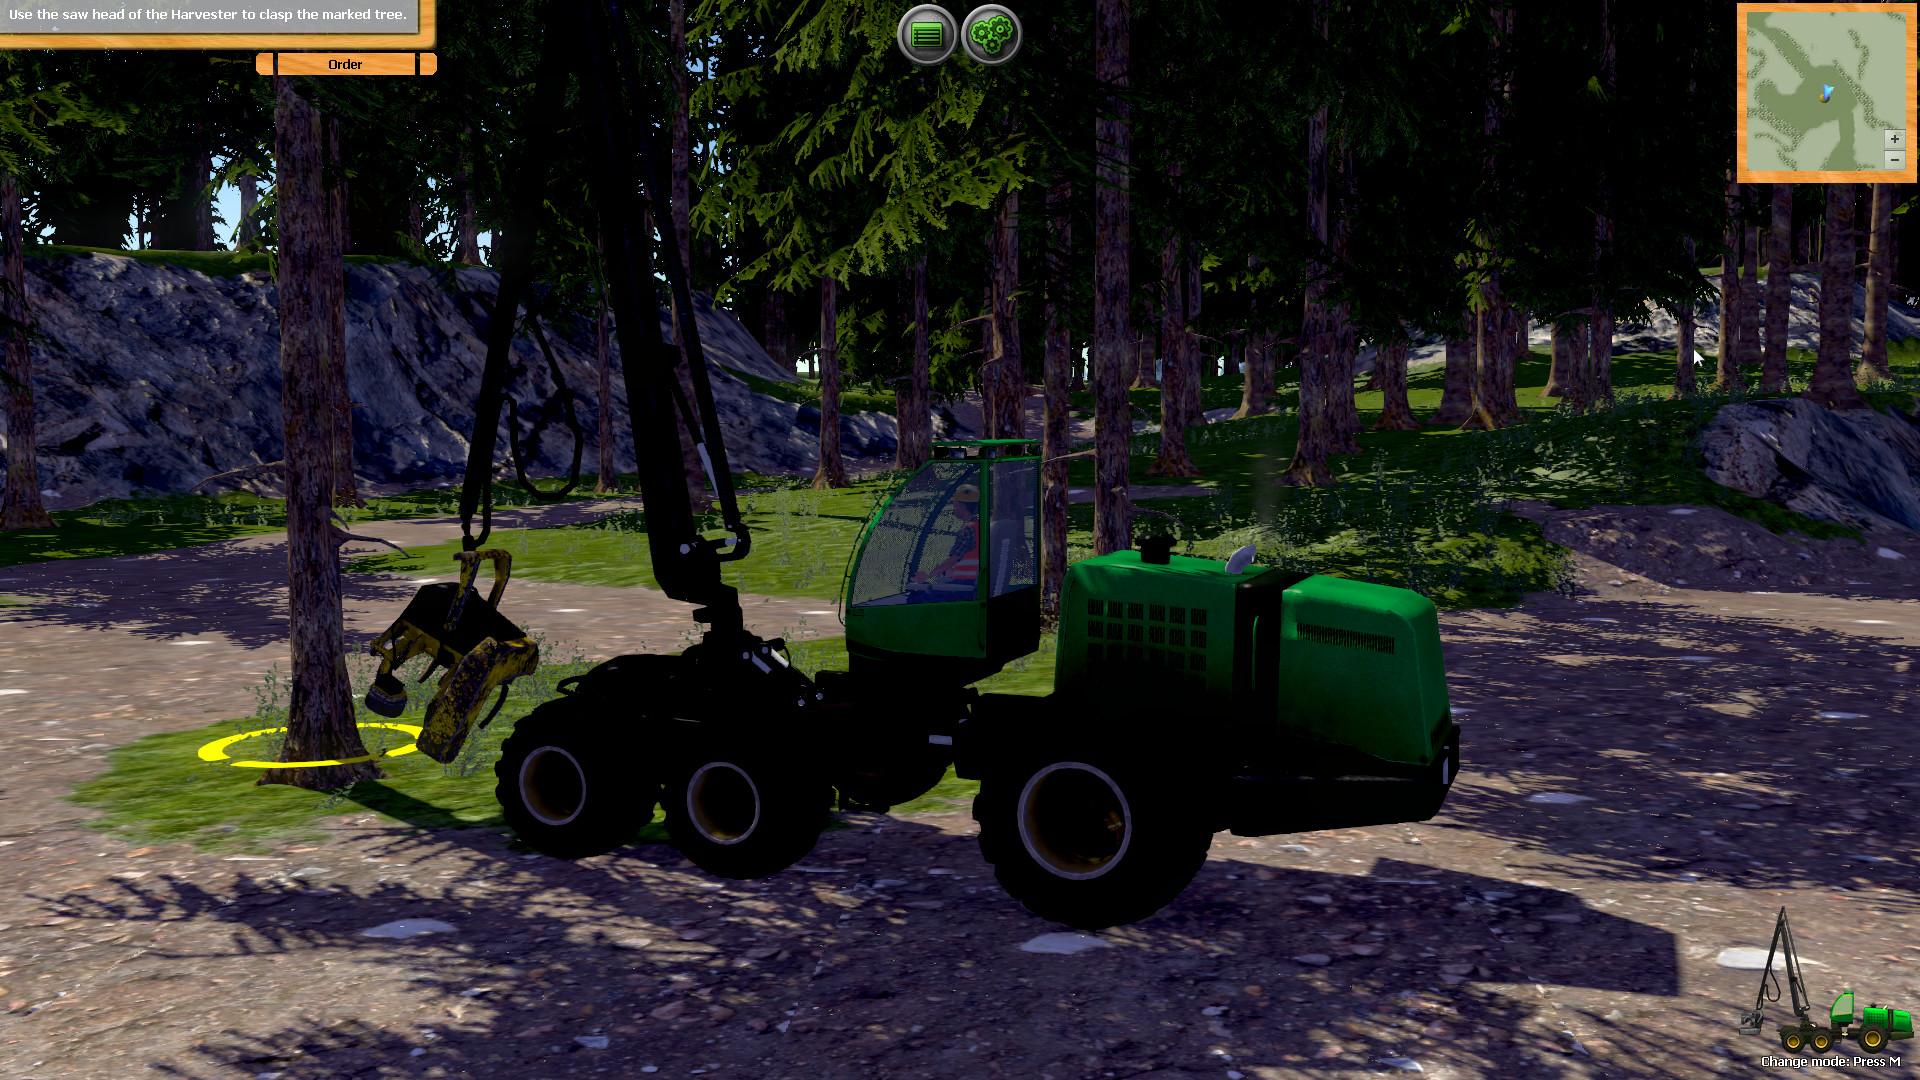 com.steam.553100-screenshot